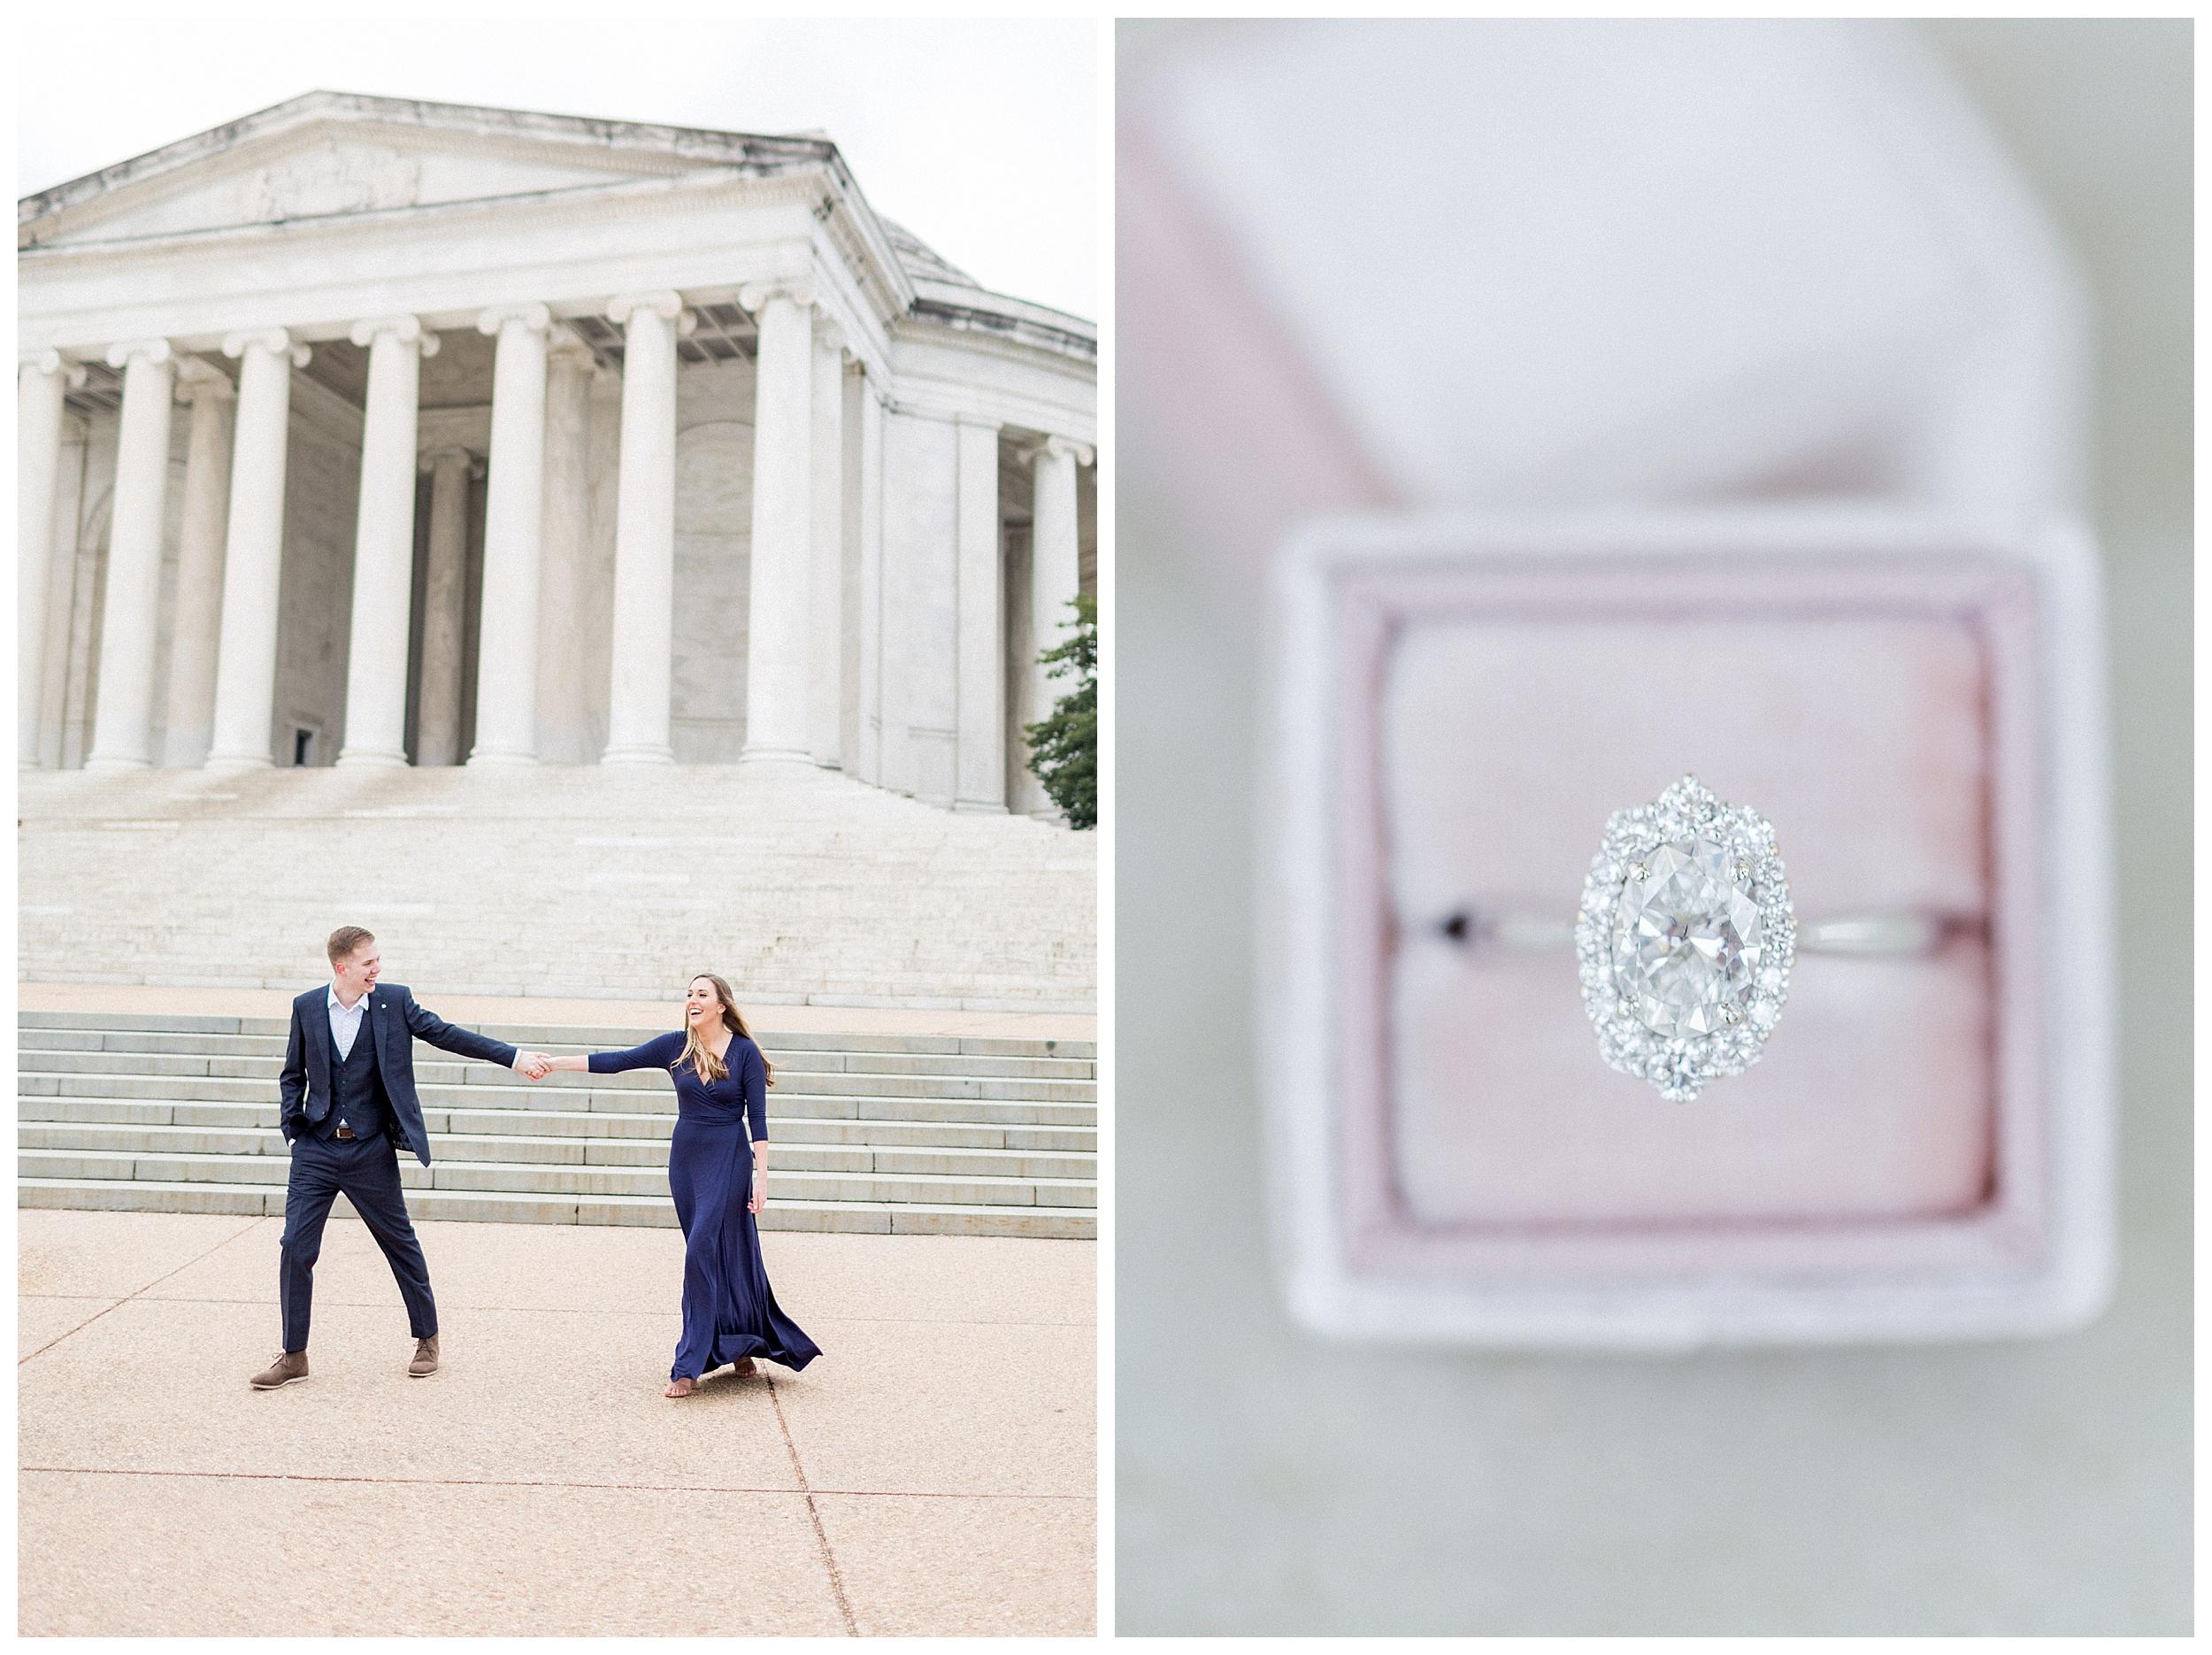 Washingon DC Engagement Photos | Jefferson Memorial Engagement | Kir Tuben_0027.jpg